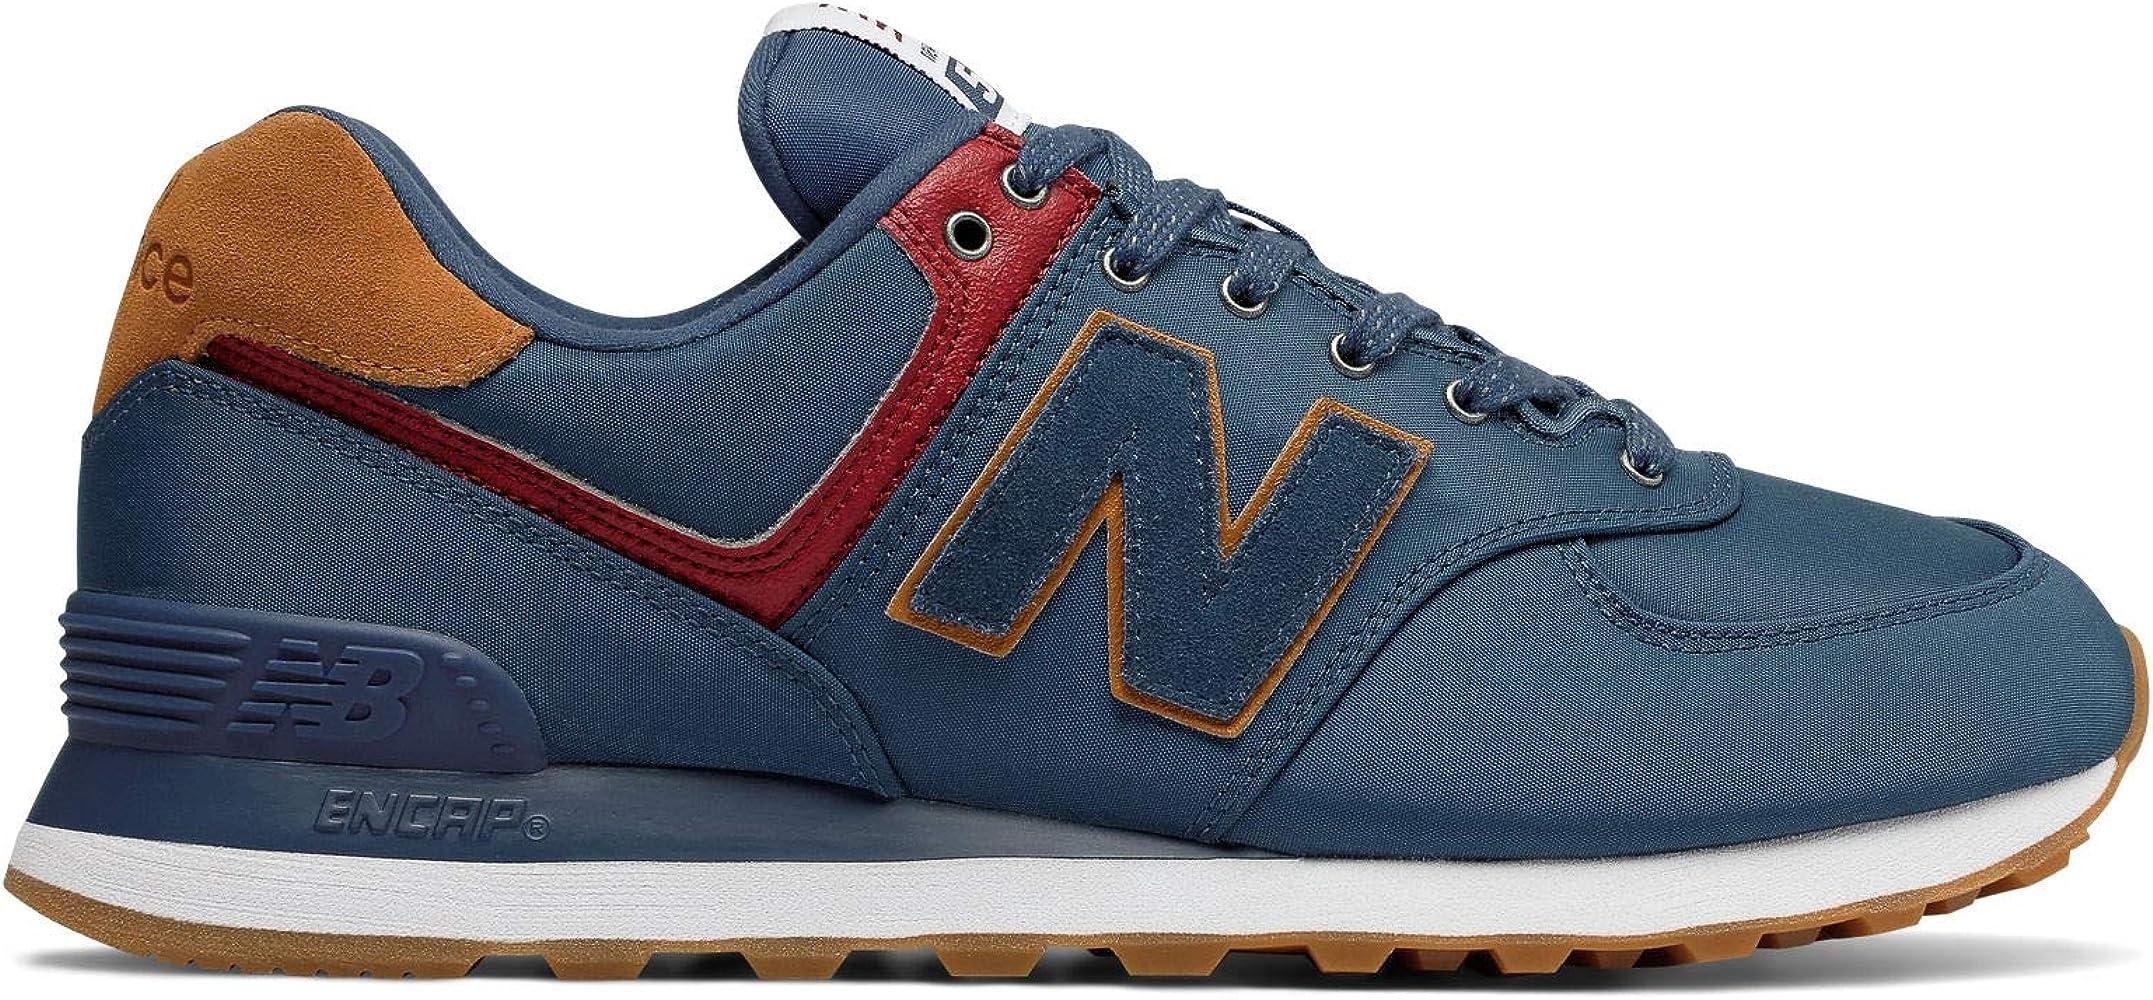 574 - Zapatillas para hombre (talla 12), color marrón